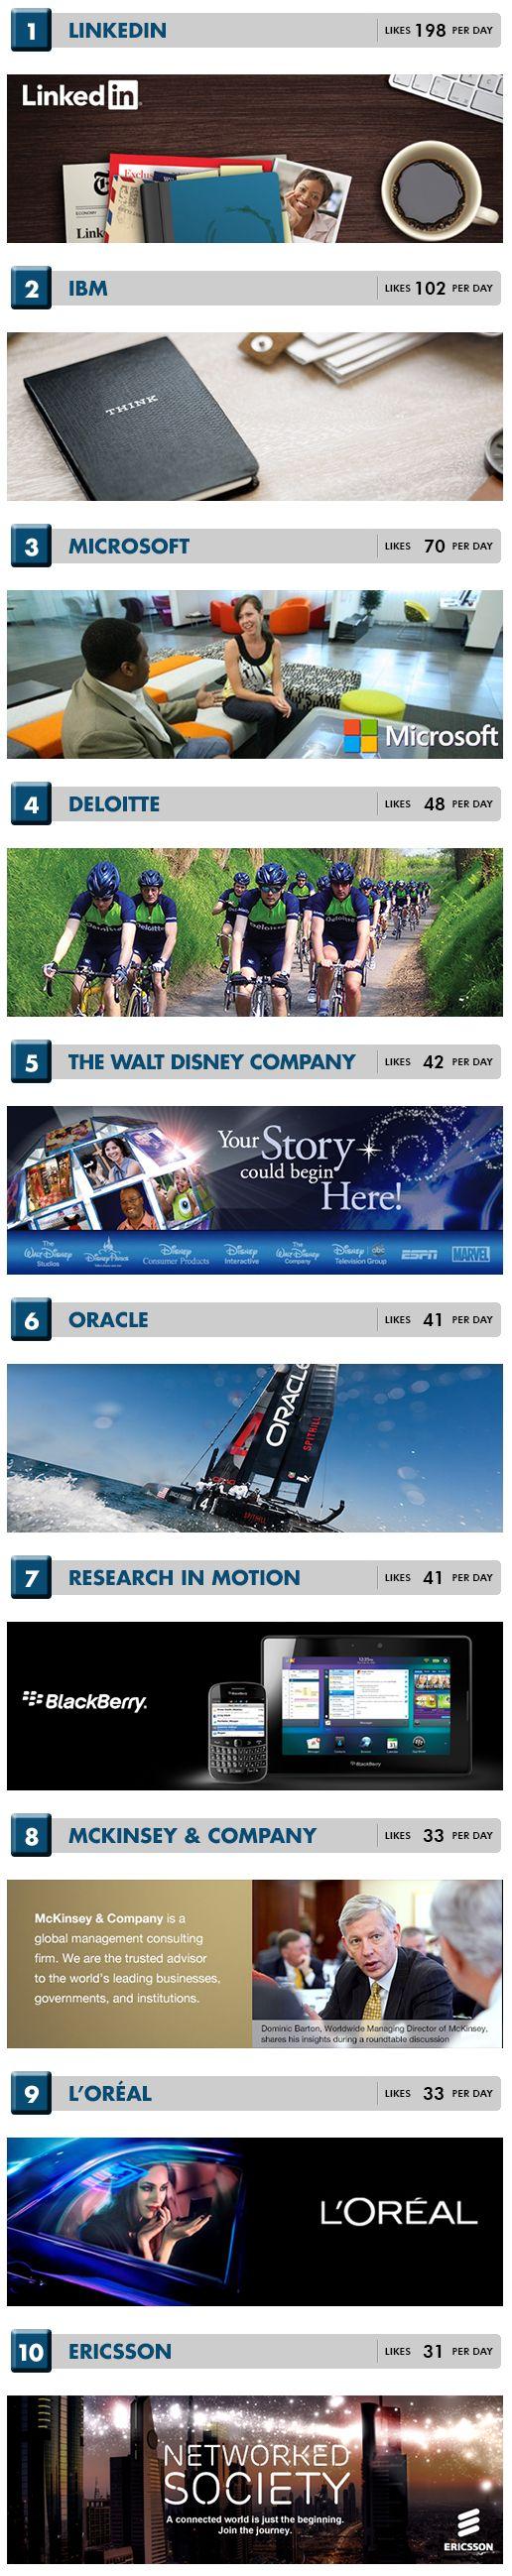 linkedin-brands-more-liked